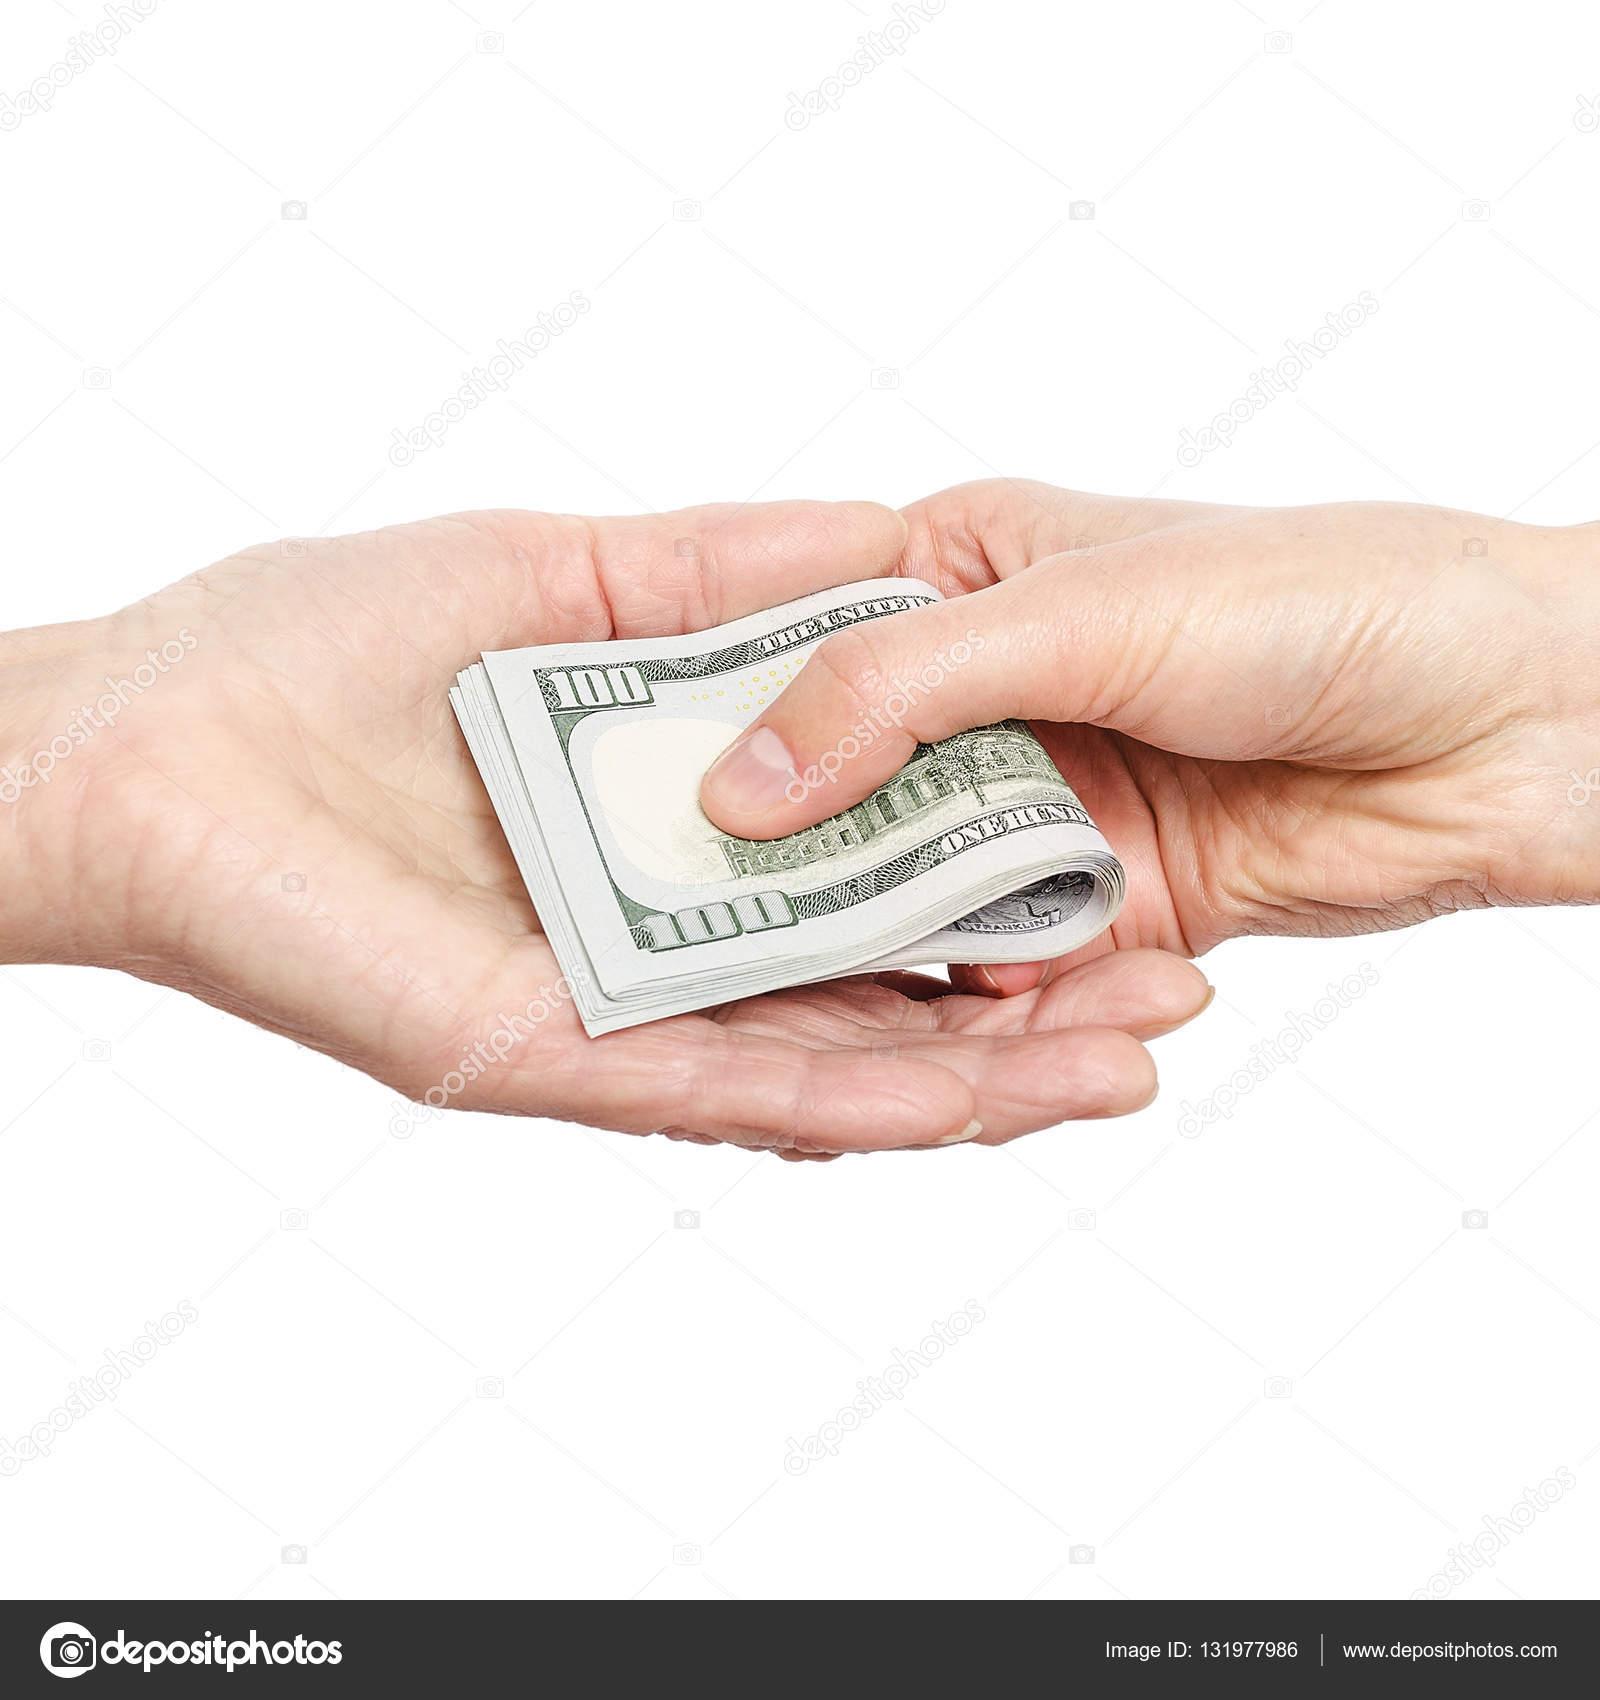 номер займа деньги в руки